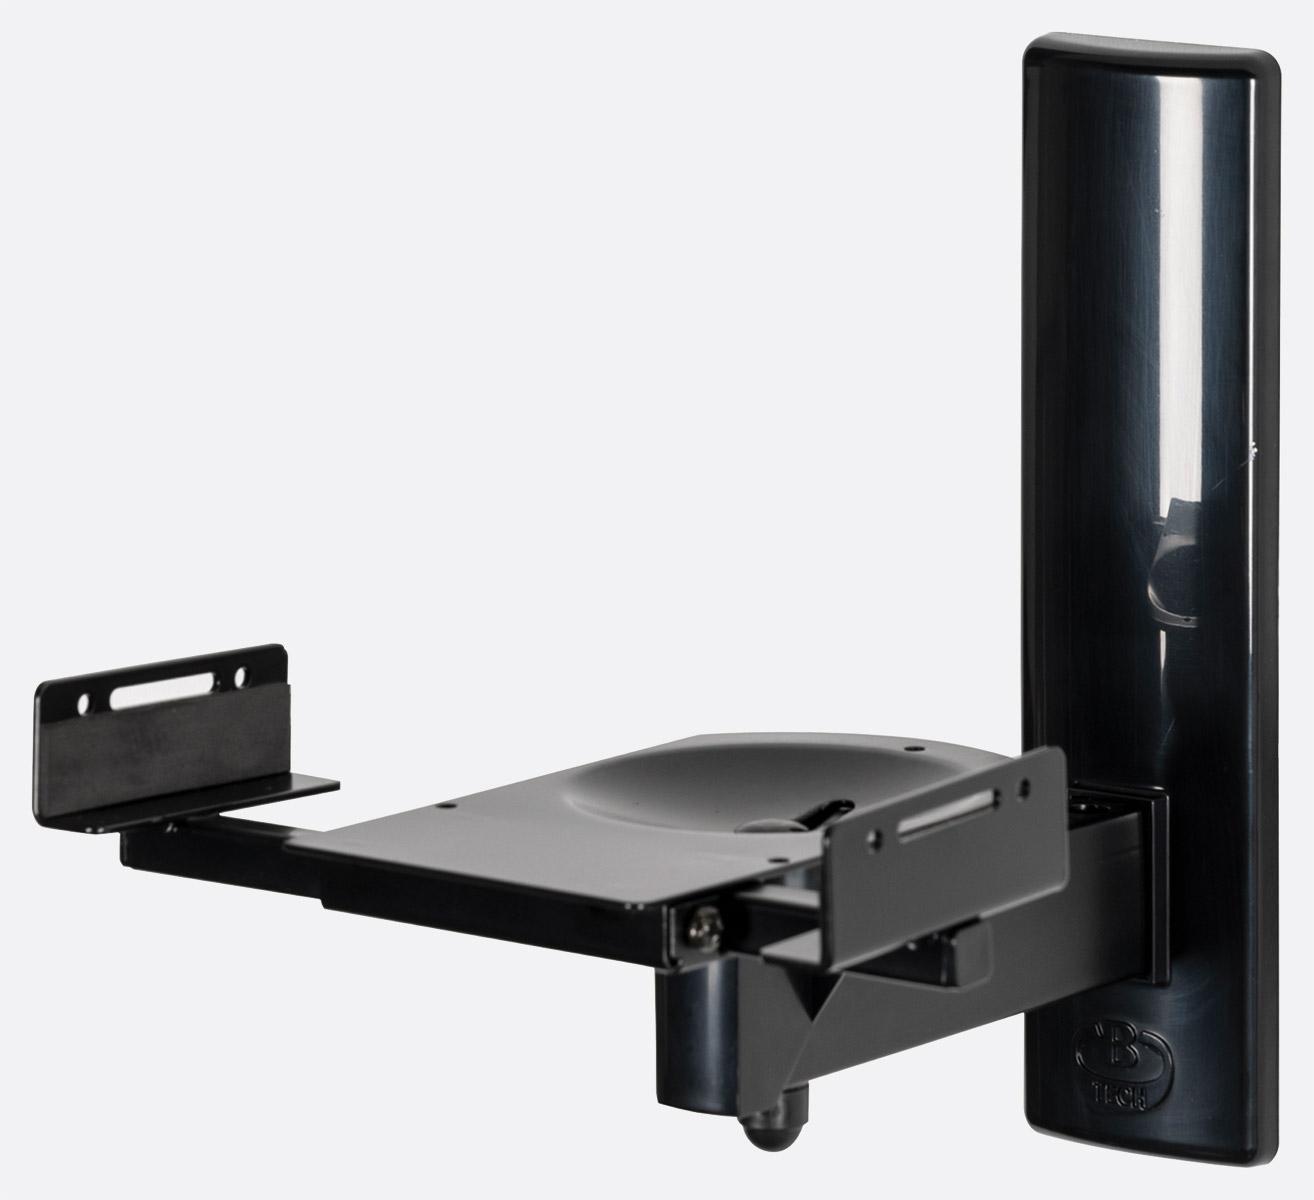 b tech bt15 support mural enceinte enceinte central 15kg max 2x supports noir en l noir